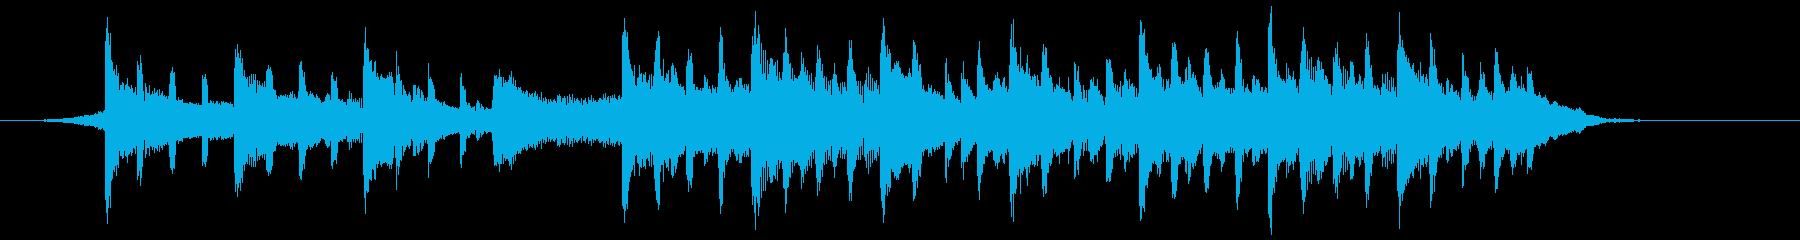 企業VPや映像になじませやすい曲② 短尺の再生済みの波形